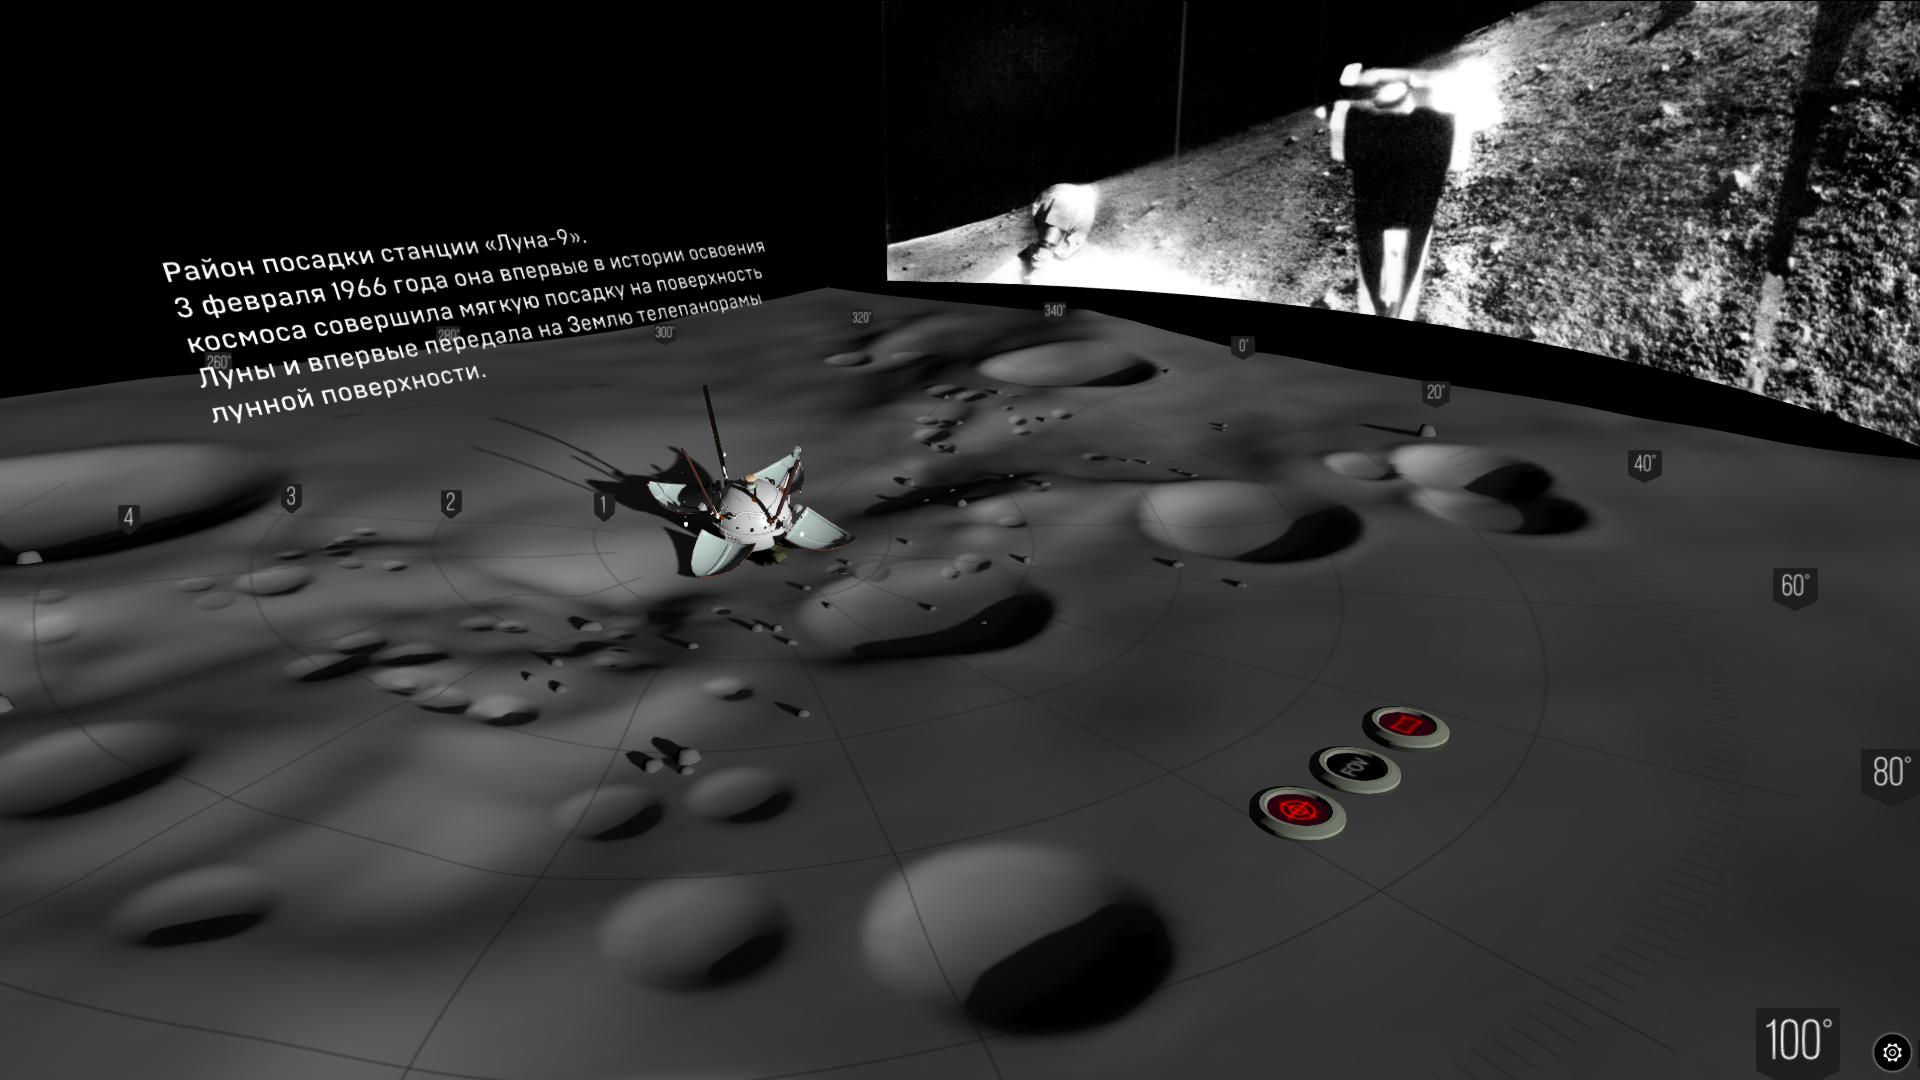 Как я реконструировал места посадок АЛС Луна 9 и Луна 13